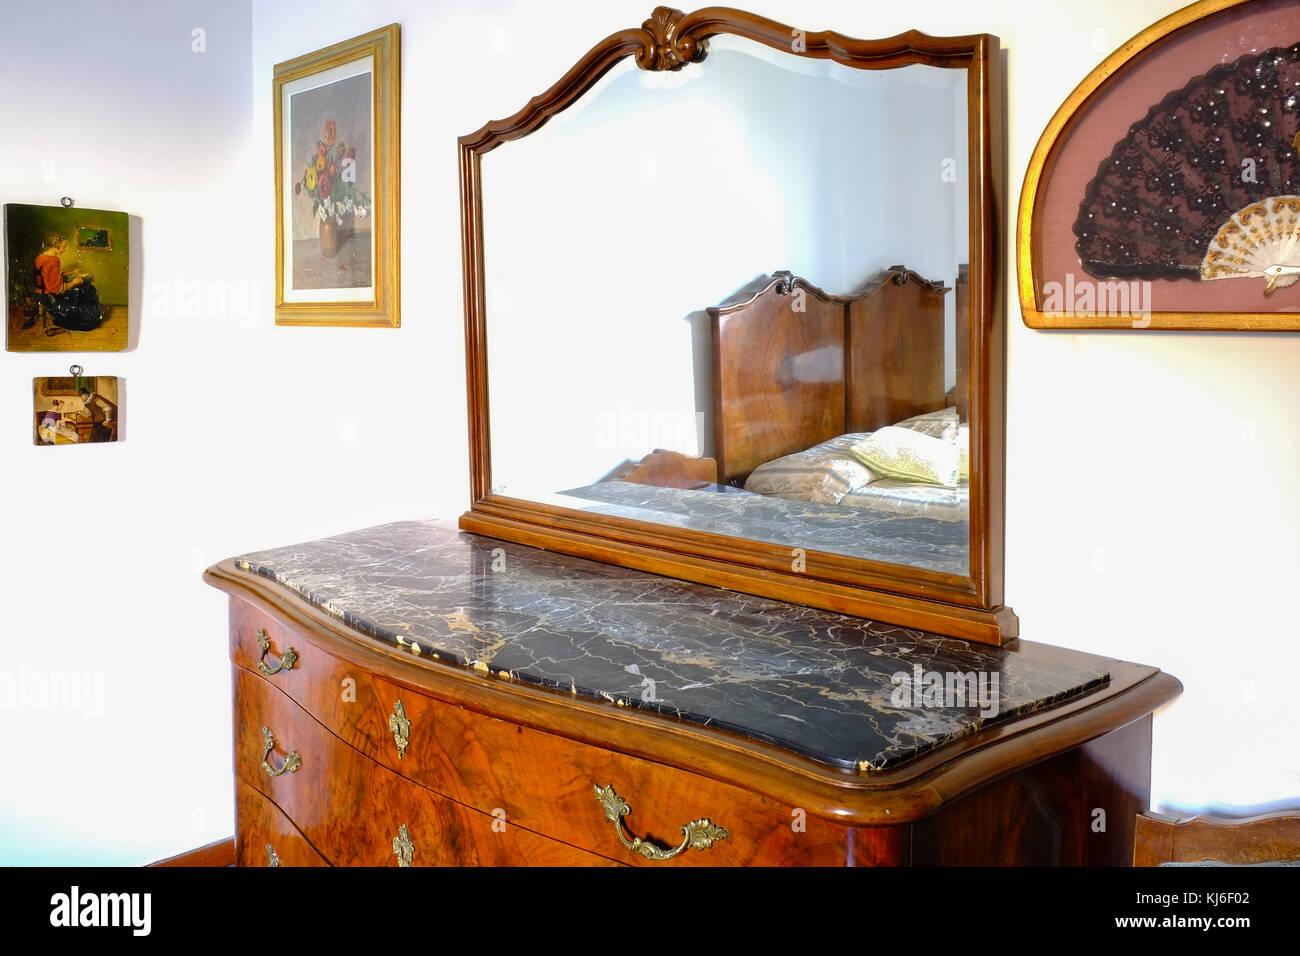 Camera da letto credenza con specchio di lusso sulla cima di un ...